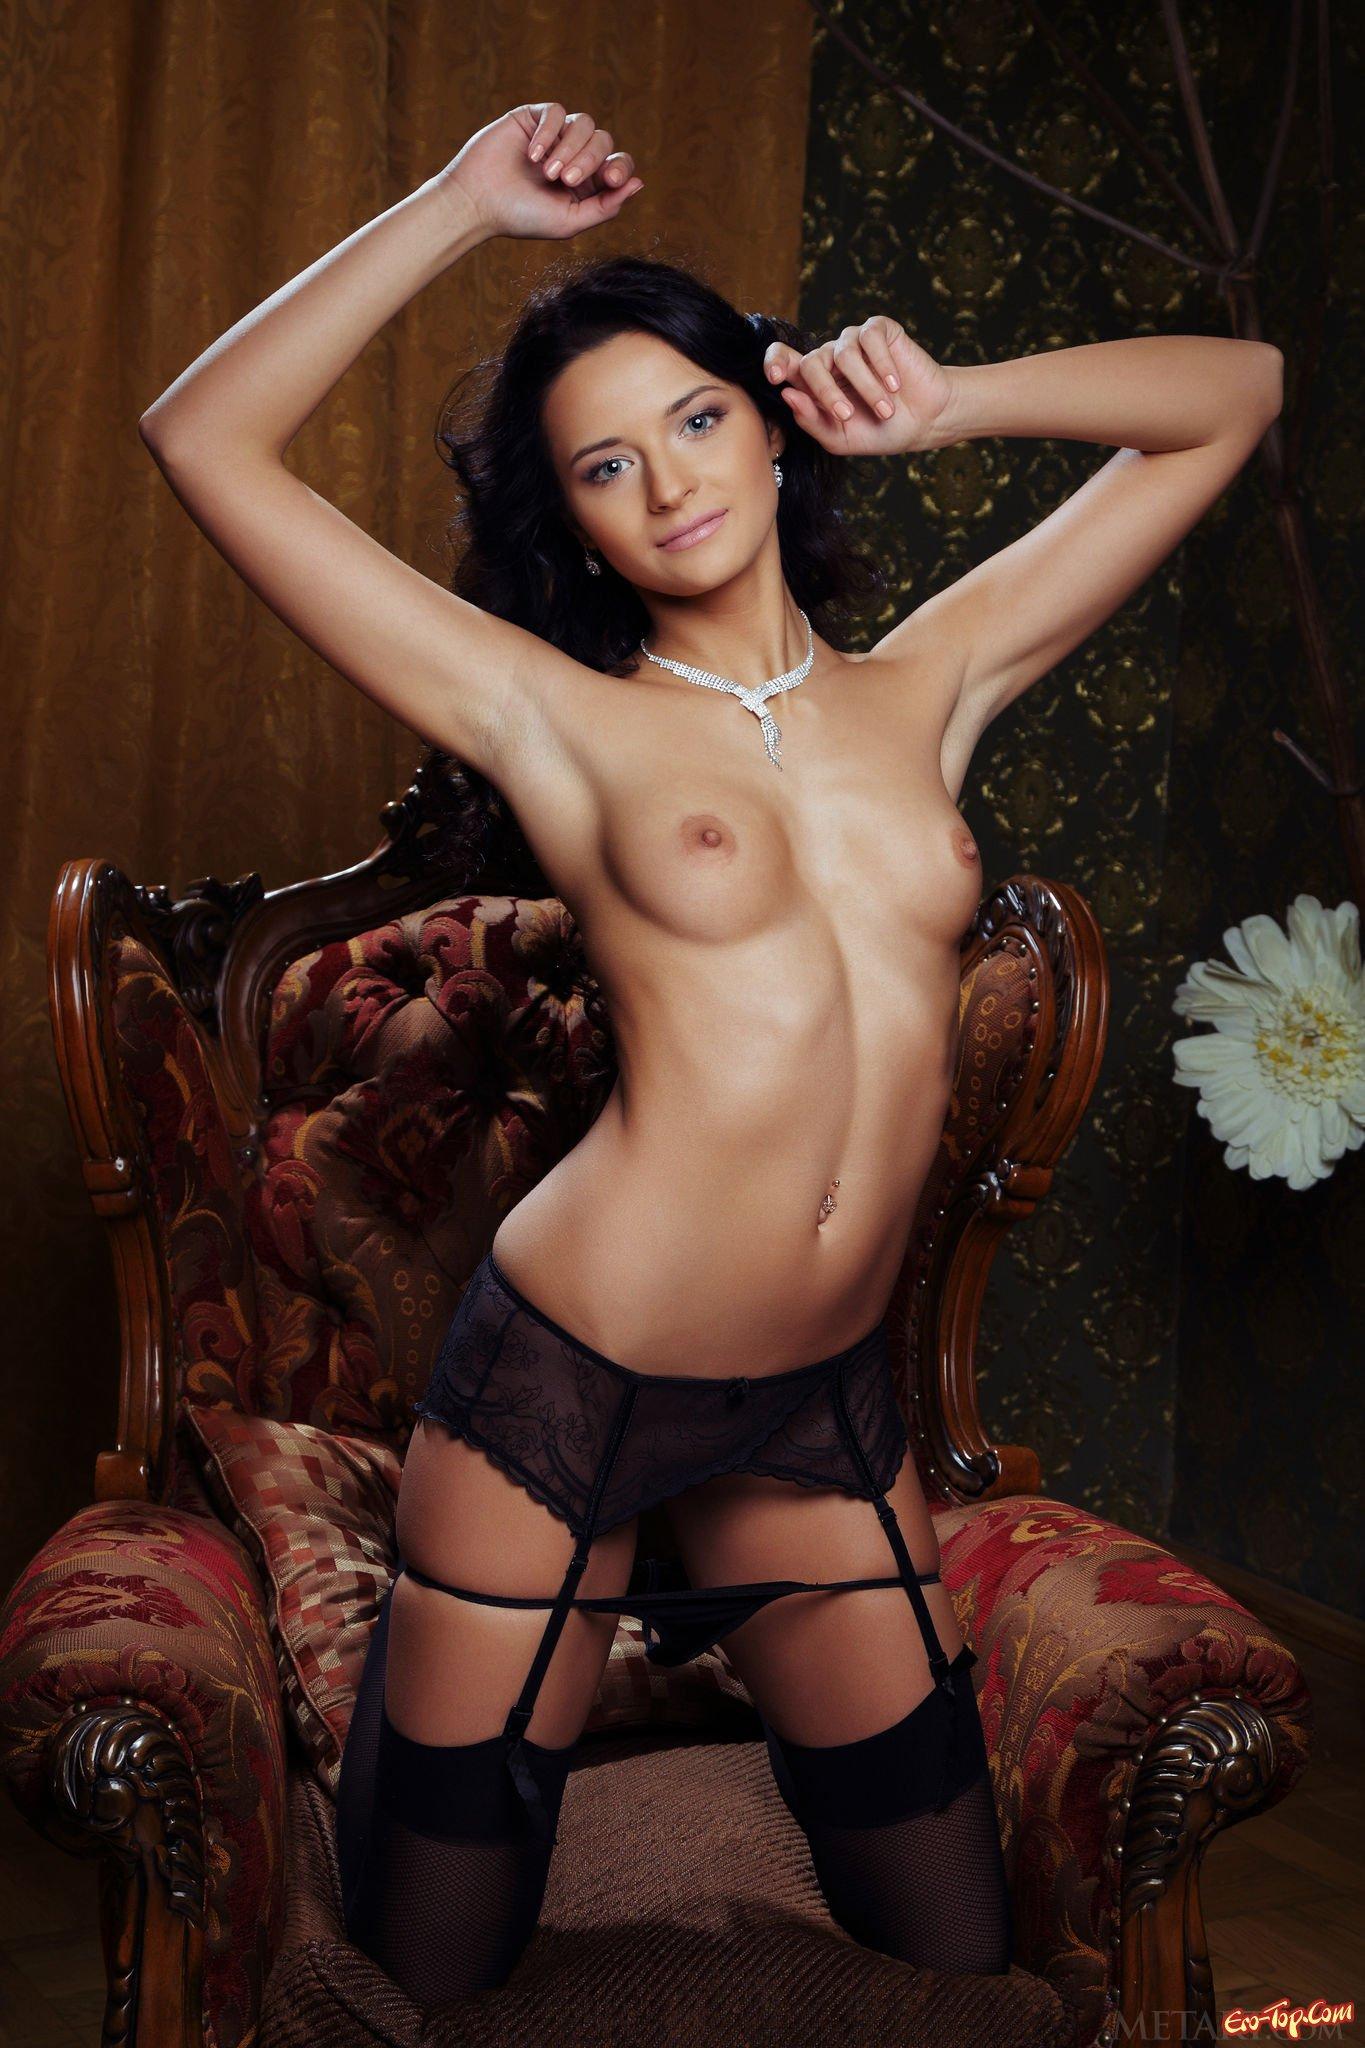 Роскошная брюнетка в нижнем белье секс фото